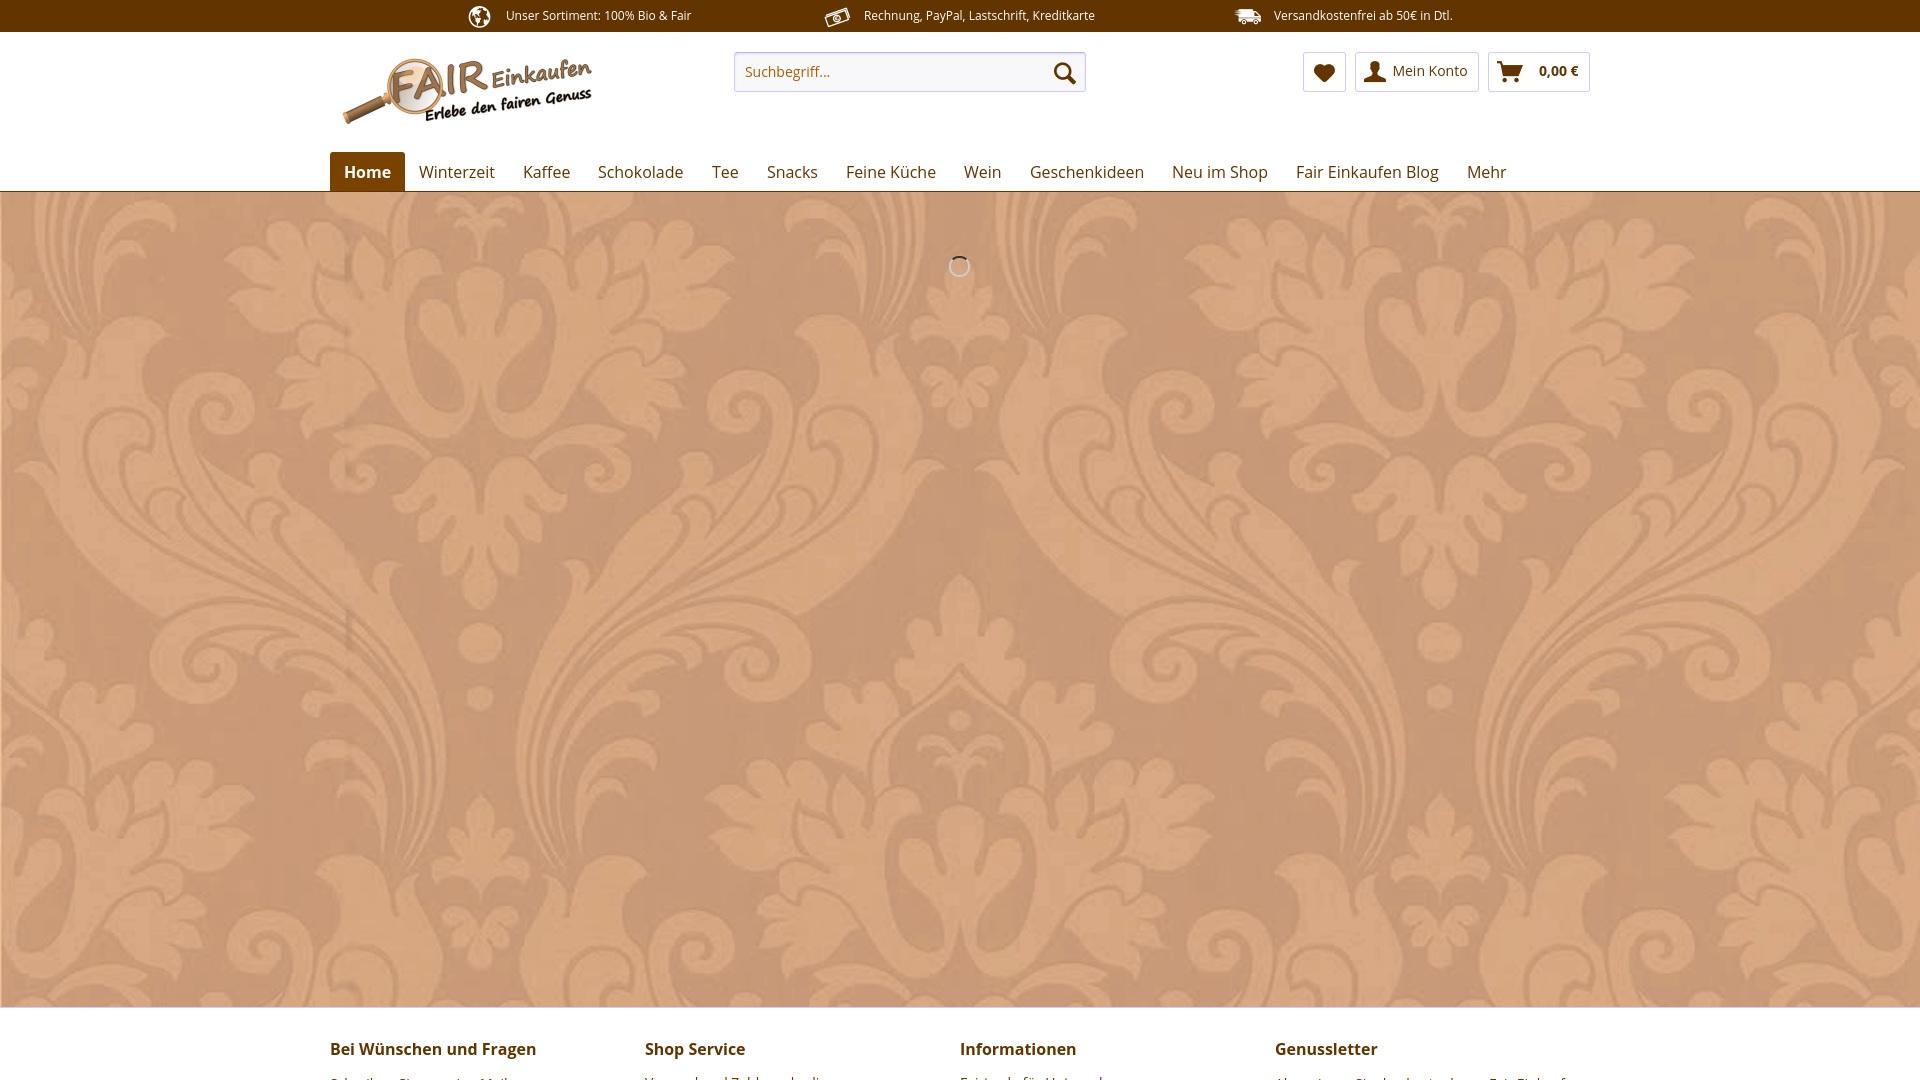 Gutschein für Fair-einkaufen: Rabatte für  Fair-einkaufen sichern